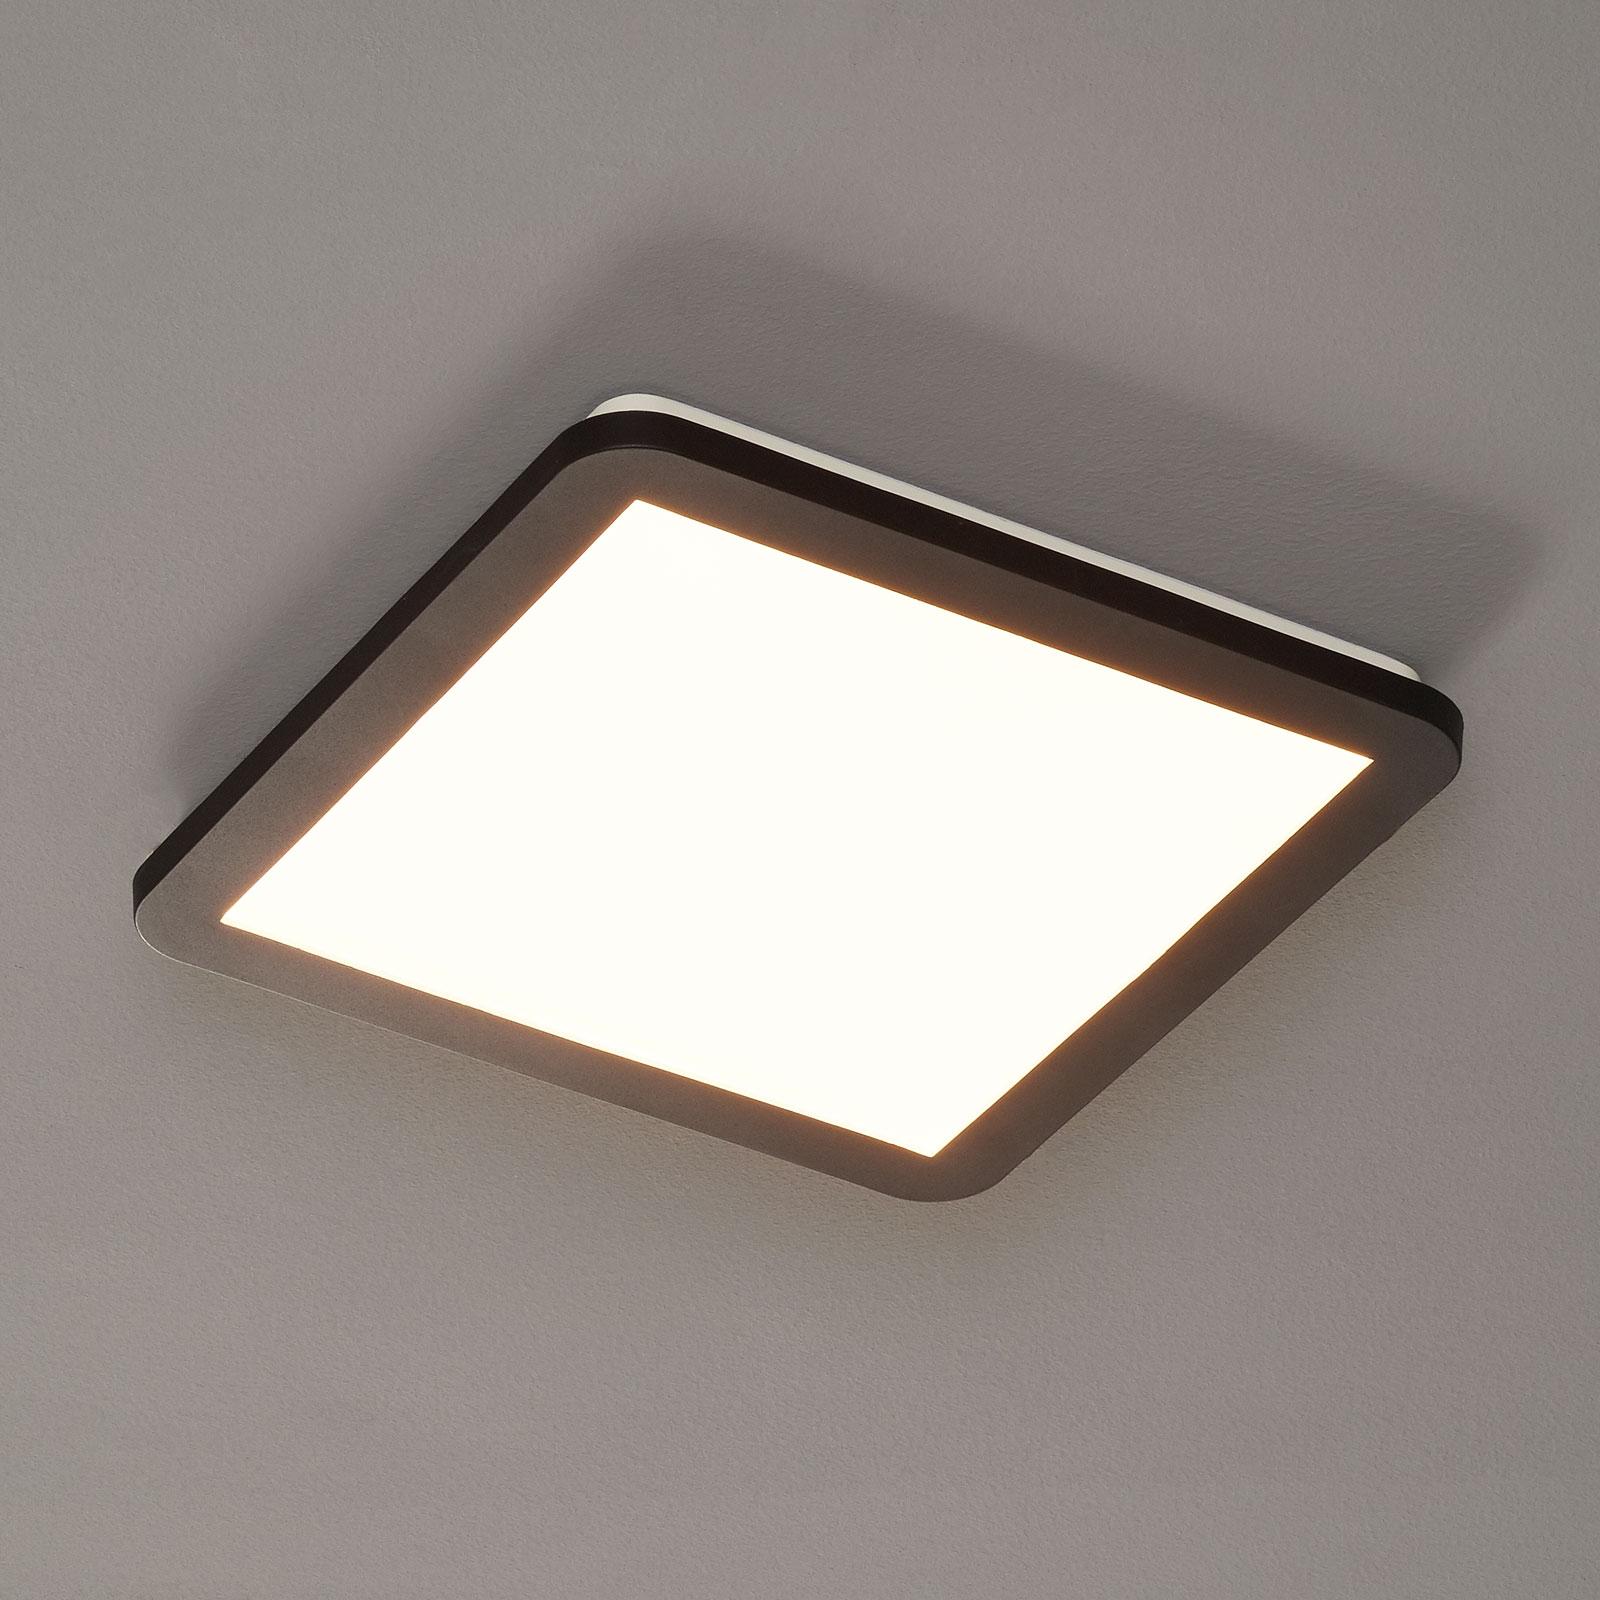 LED-kattovalaisin Camillus, neliö, 30 cm